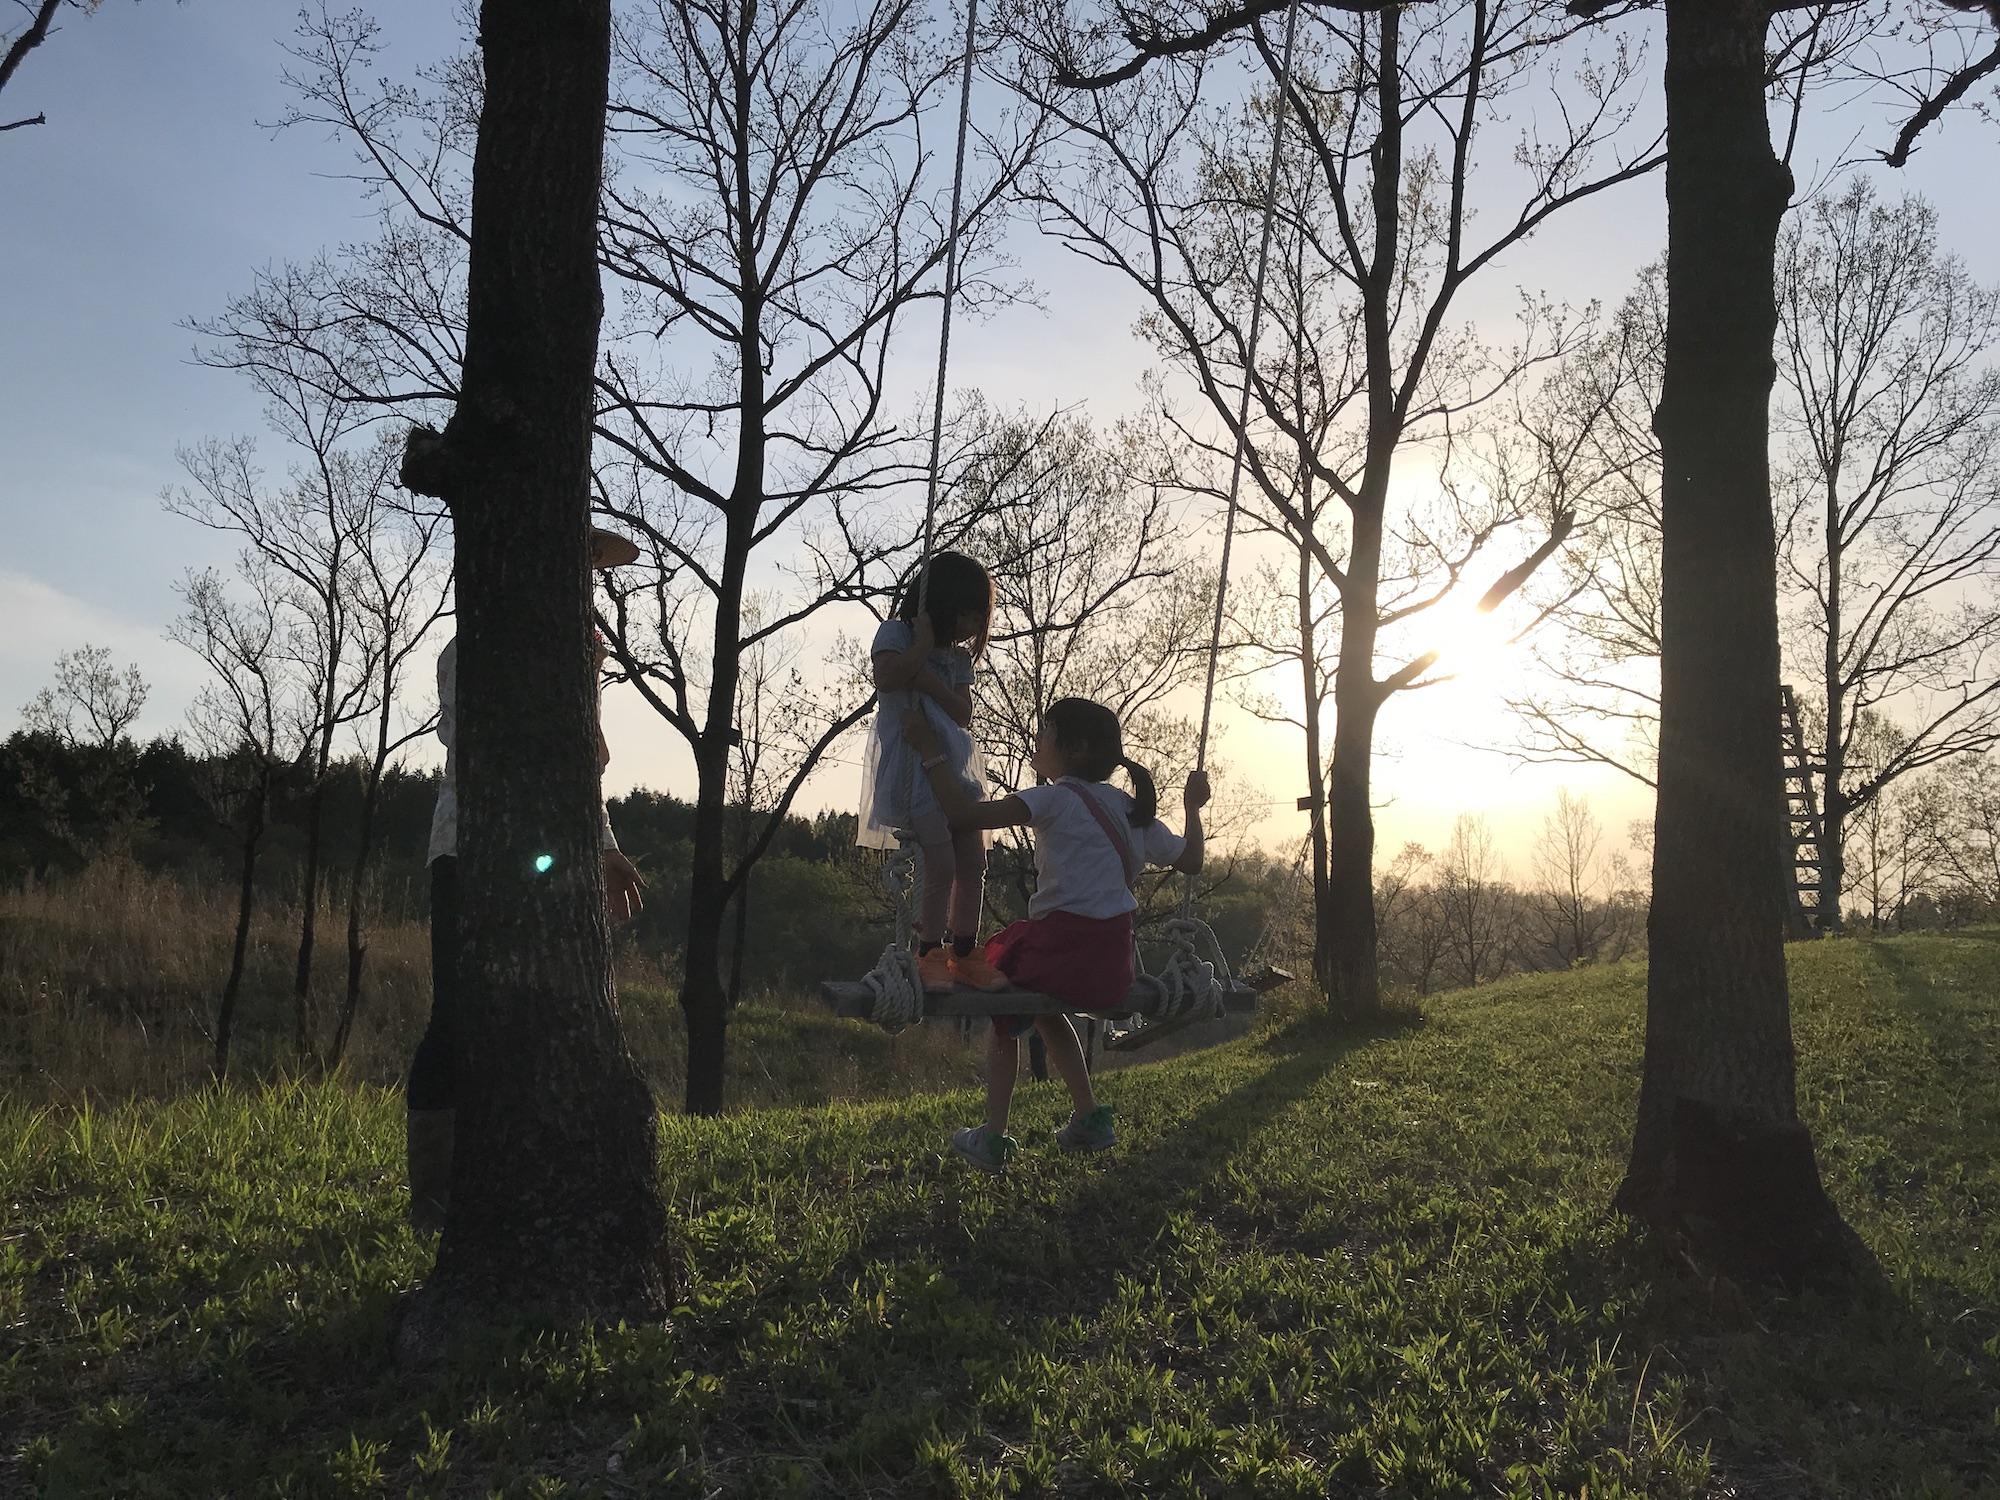 お手製のブランコに乗る二人の女の子が夕日に照らされている。